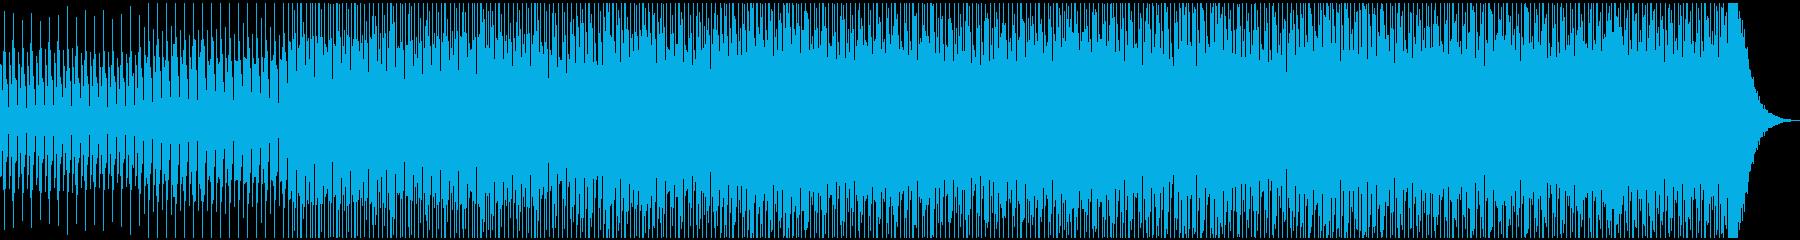 人気のある電子機器 実験的 アンビ...の再生済みの波形